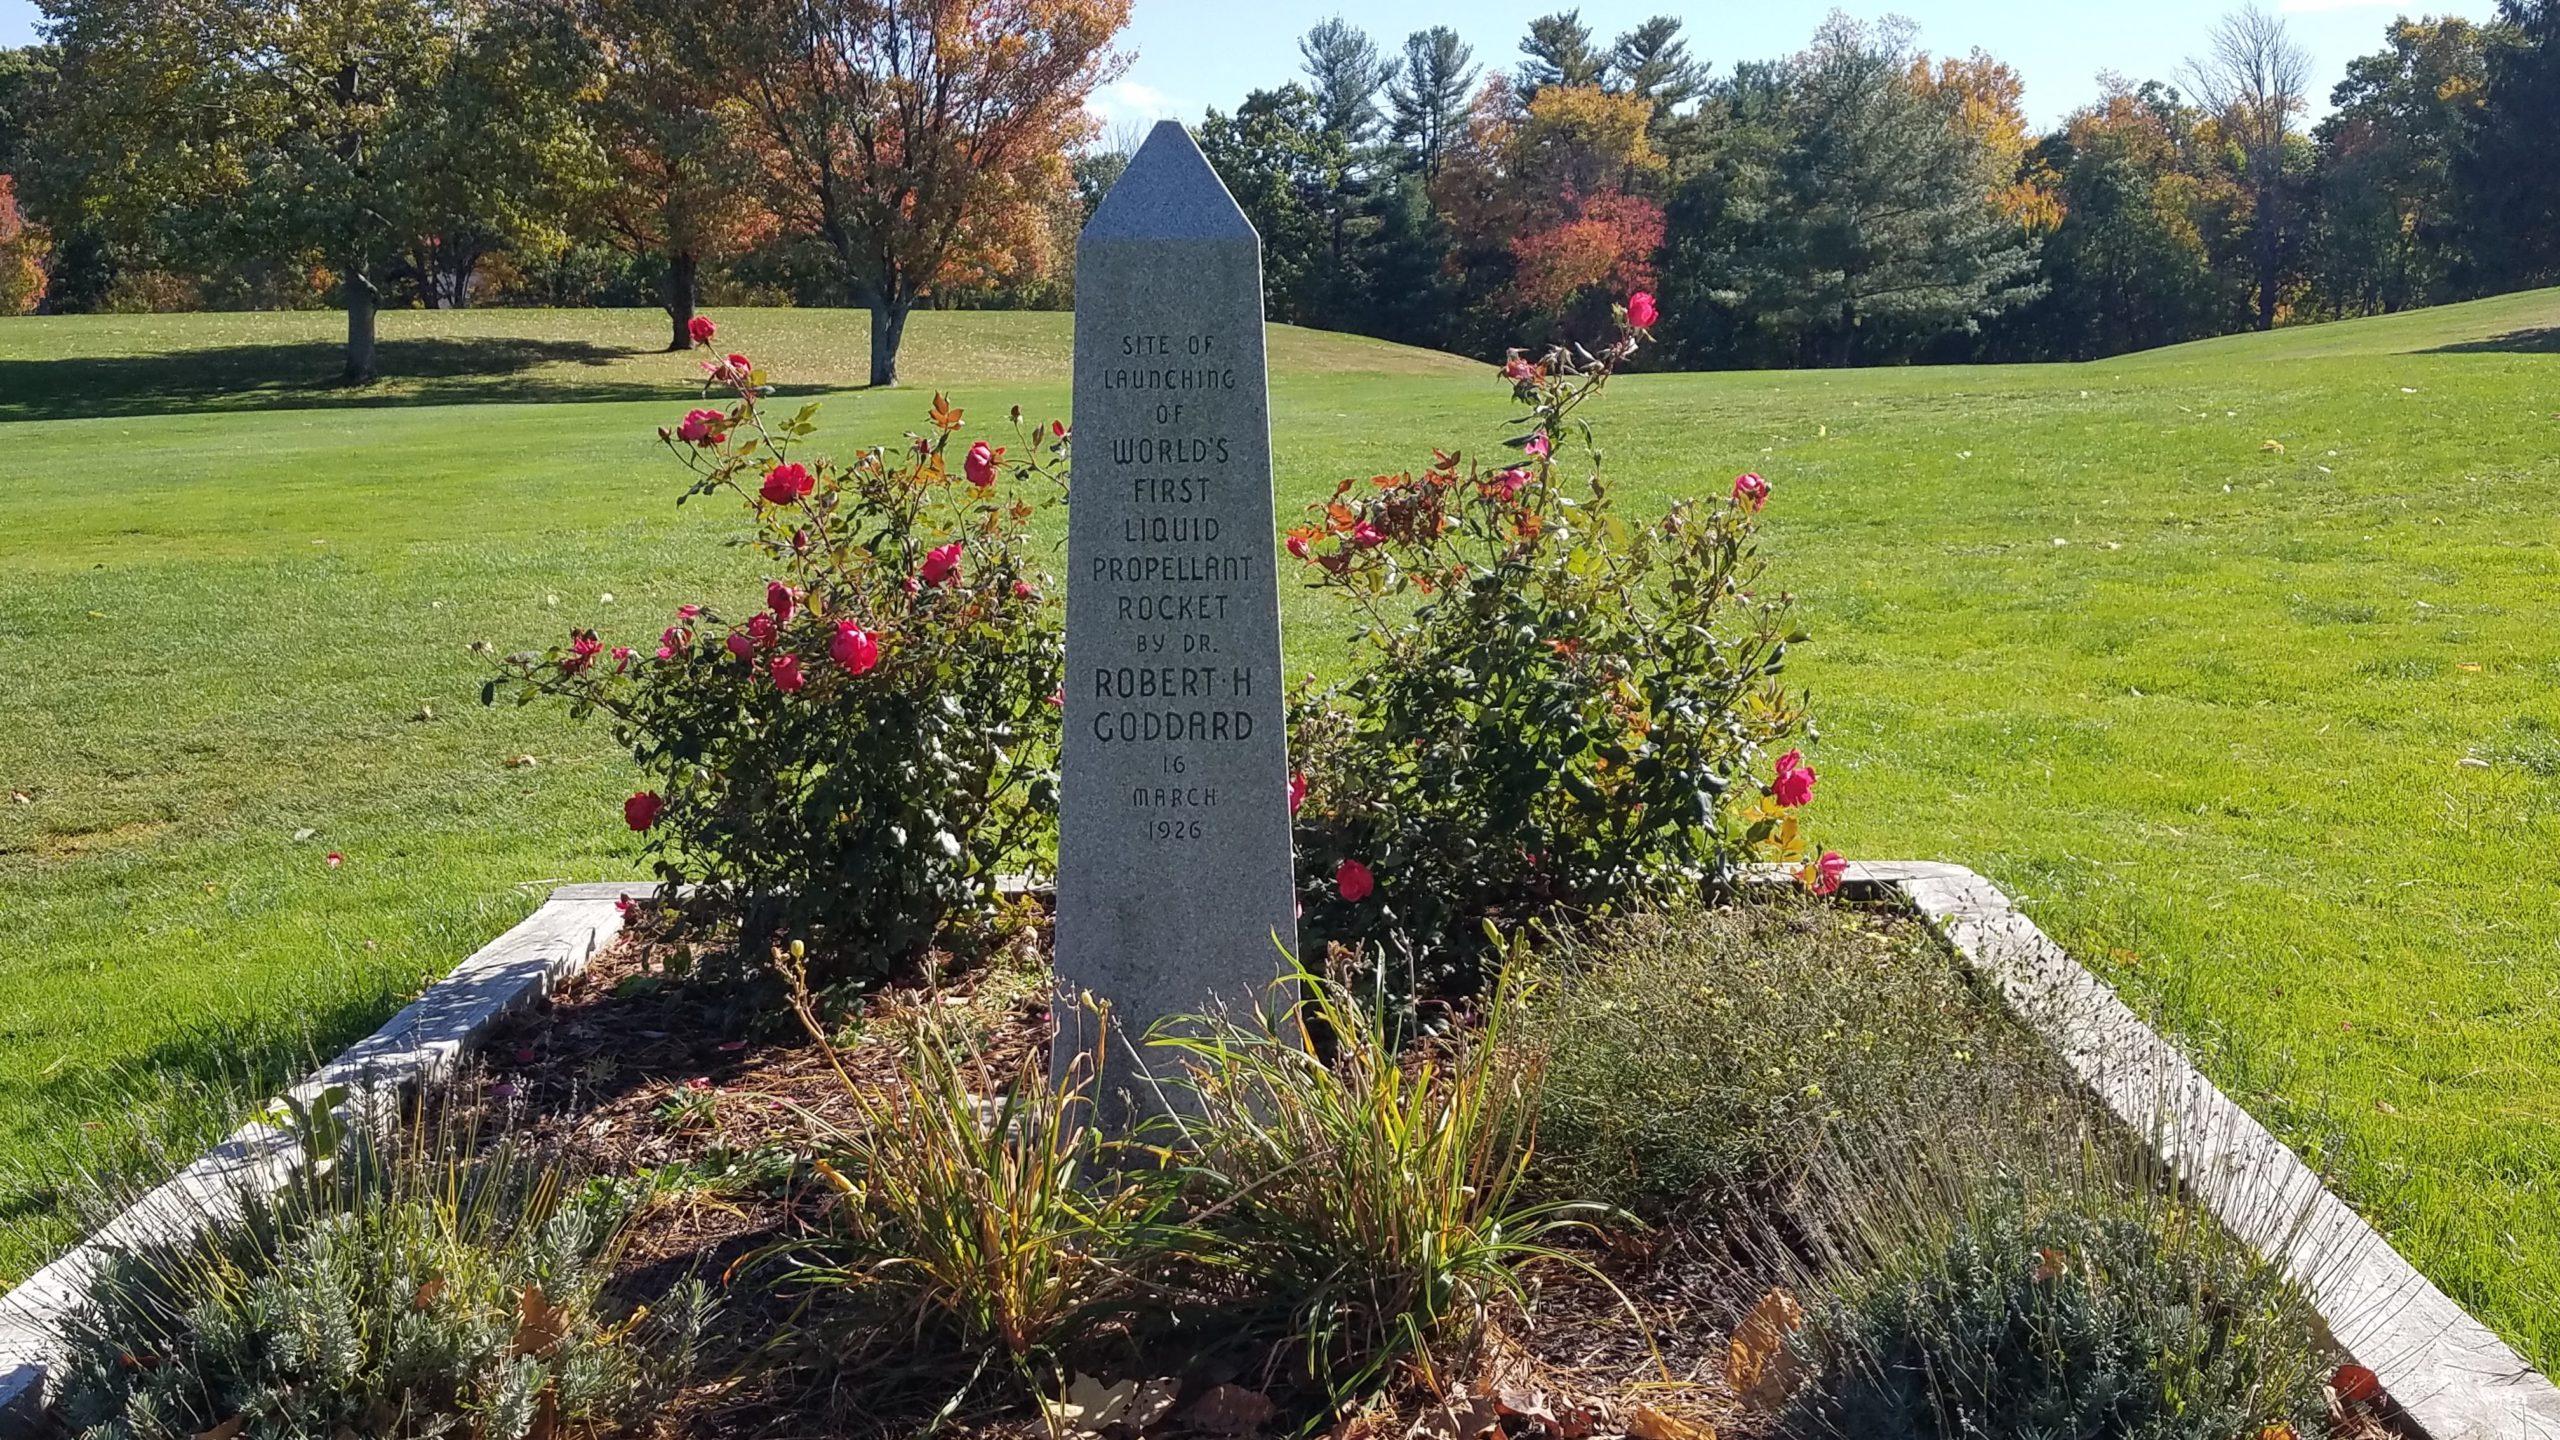 Robert Goddard Memorial